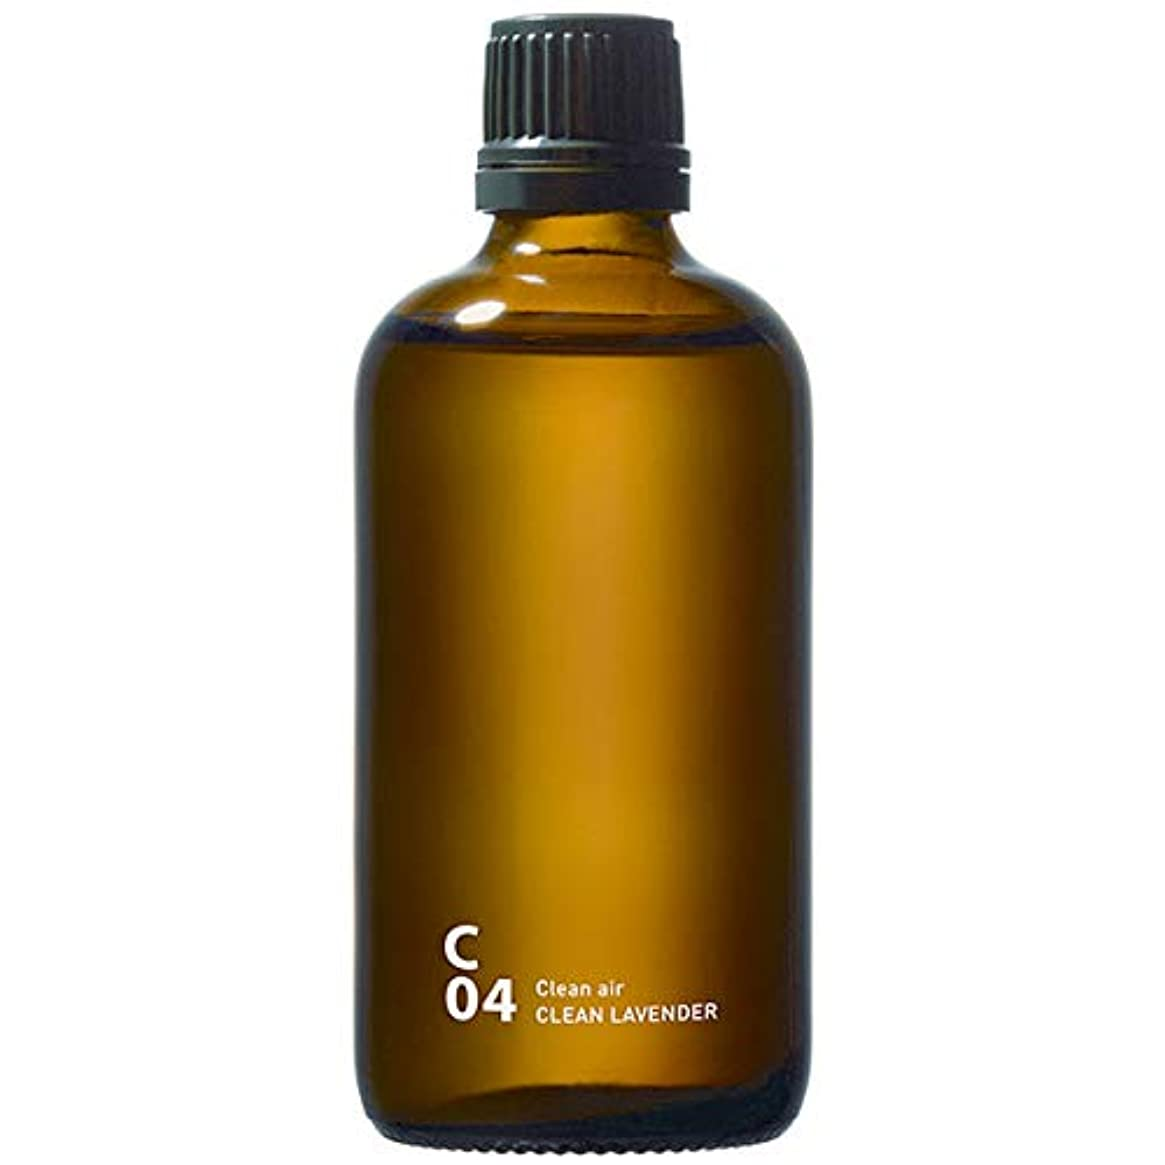 証人いっぱい音節C04 CLEAN LAVENDER piezo aroma oil 100ml